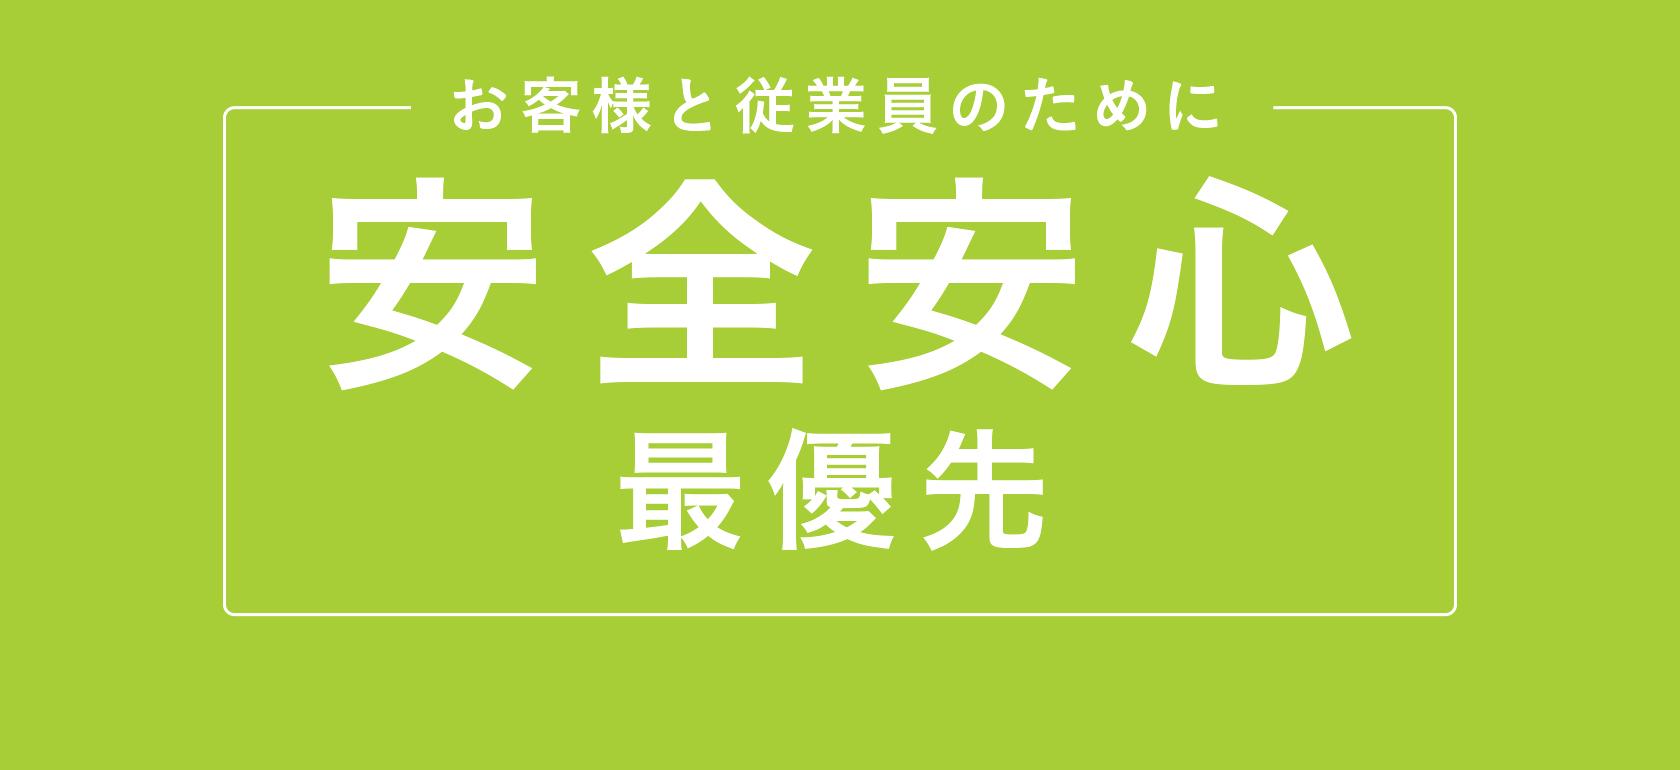 200730_anzen